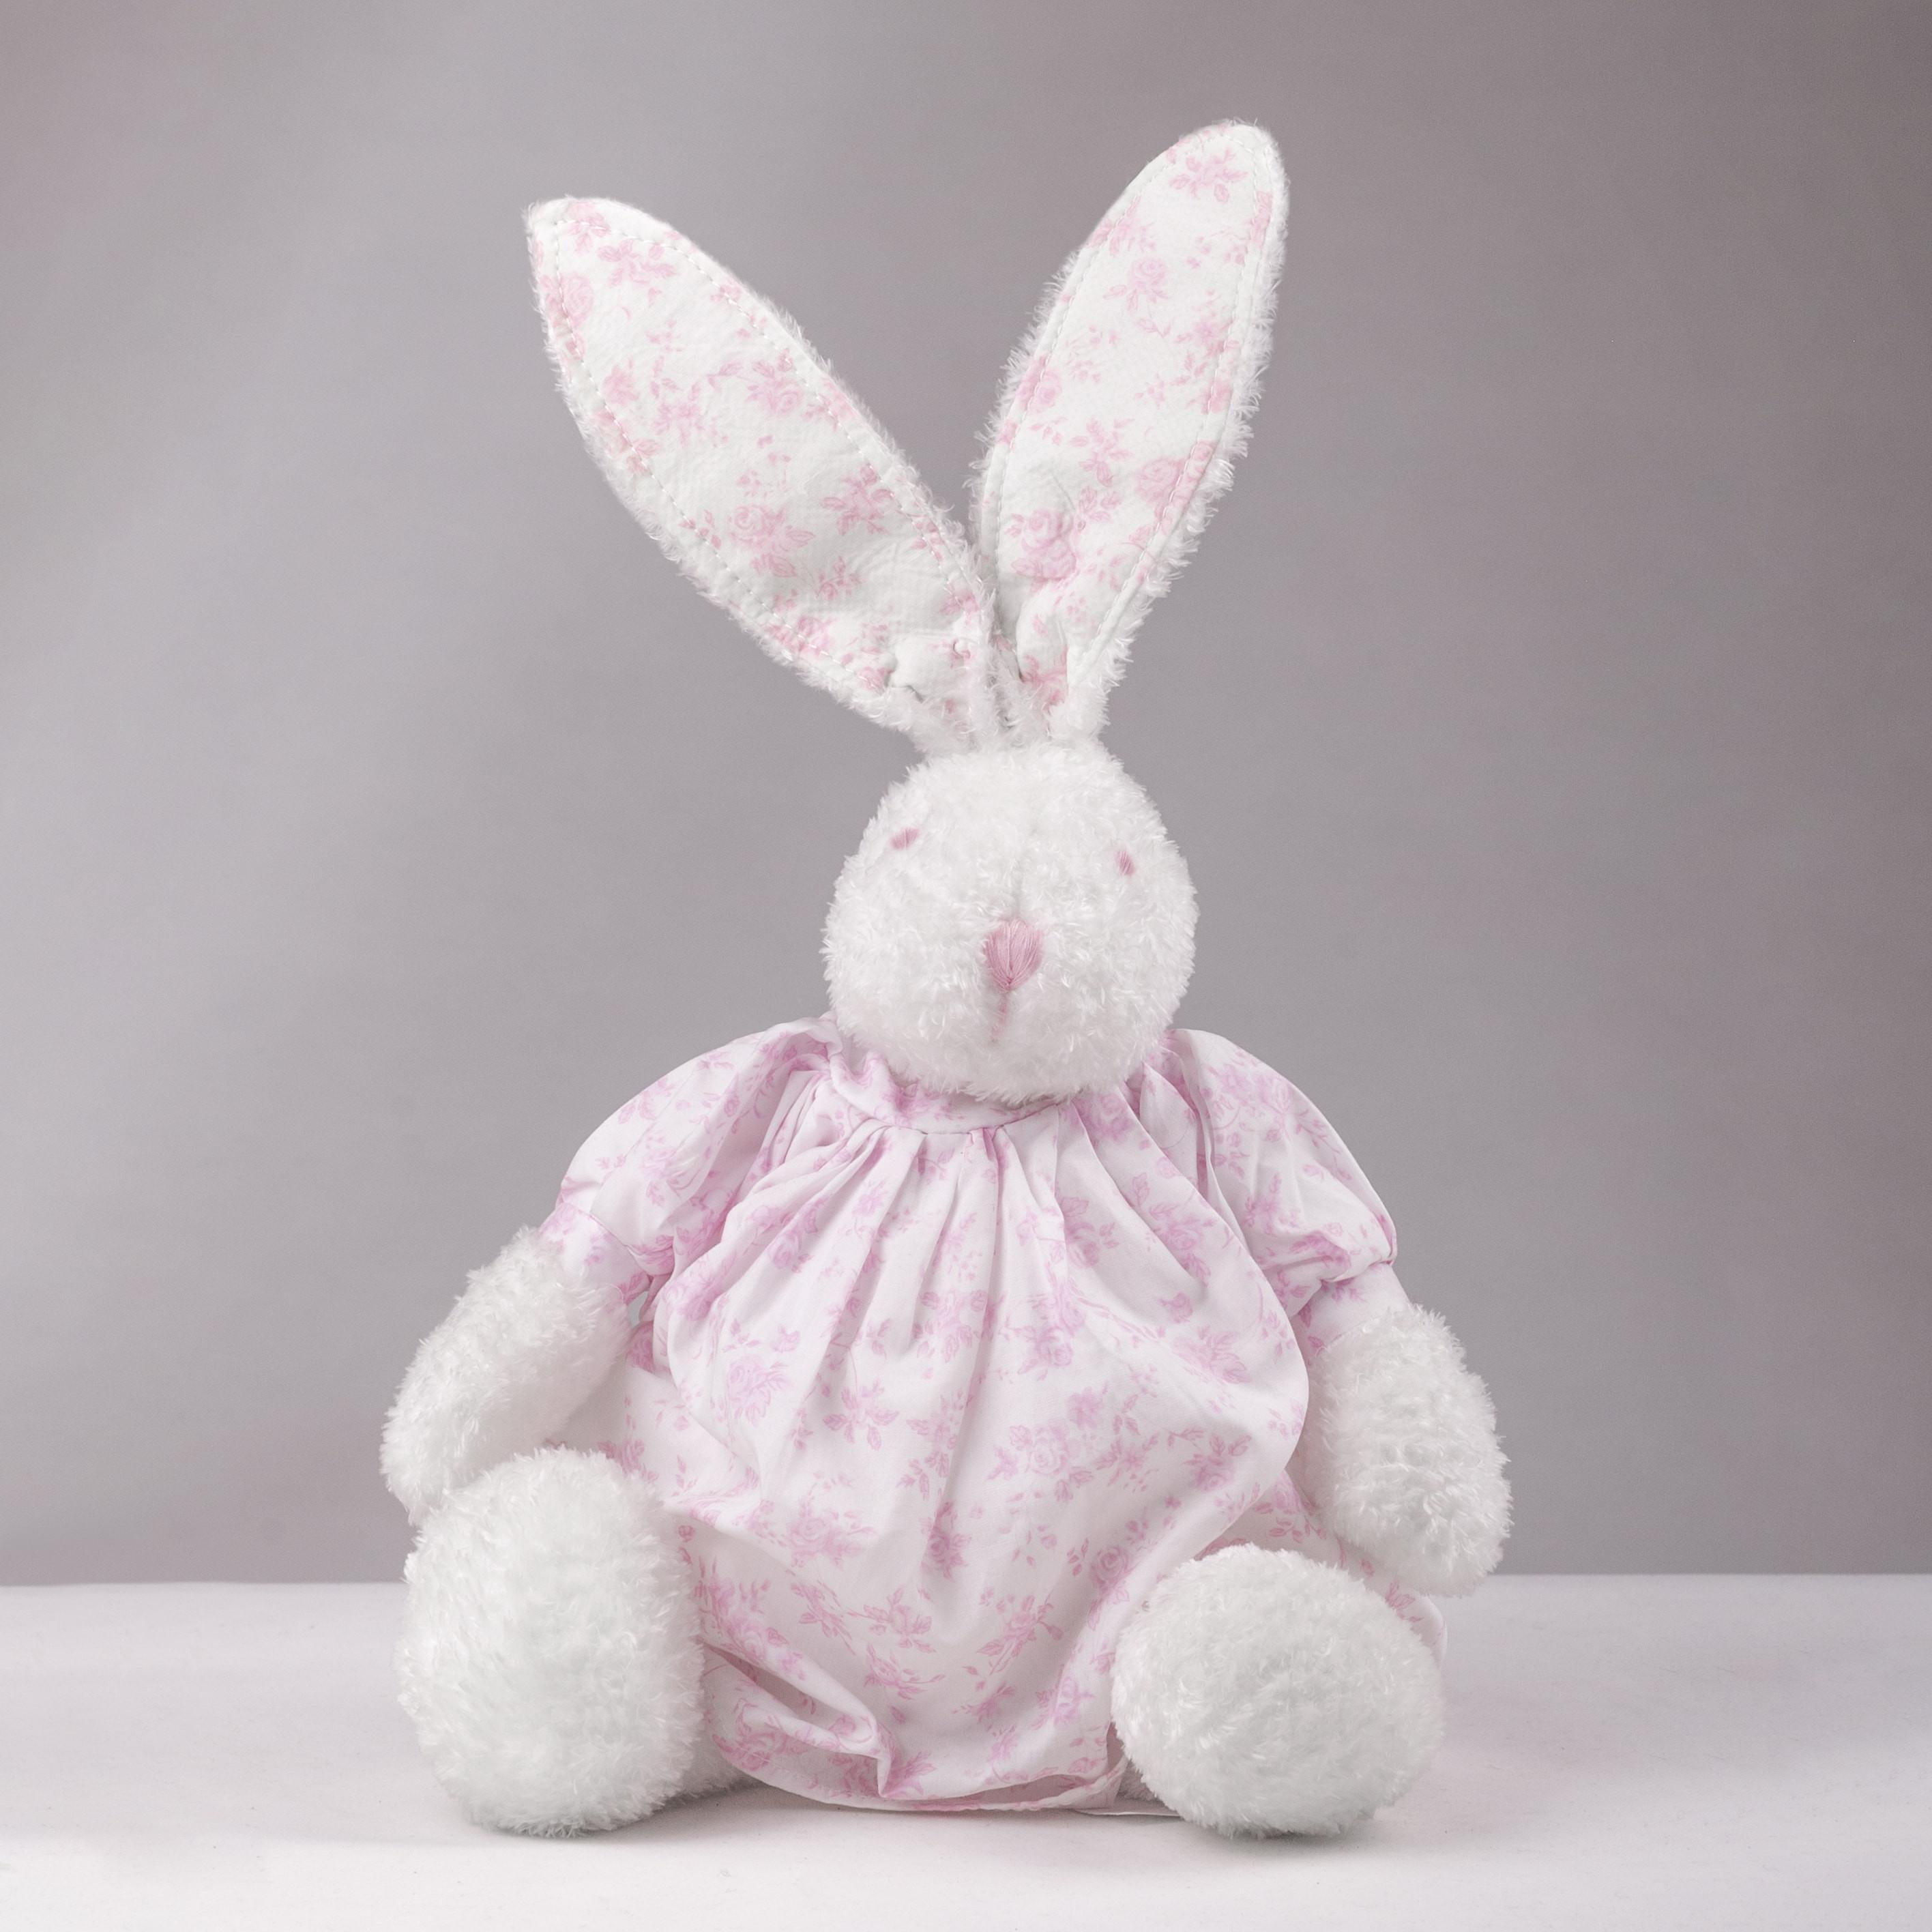 خرگوش لوسی شابن